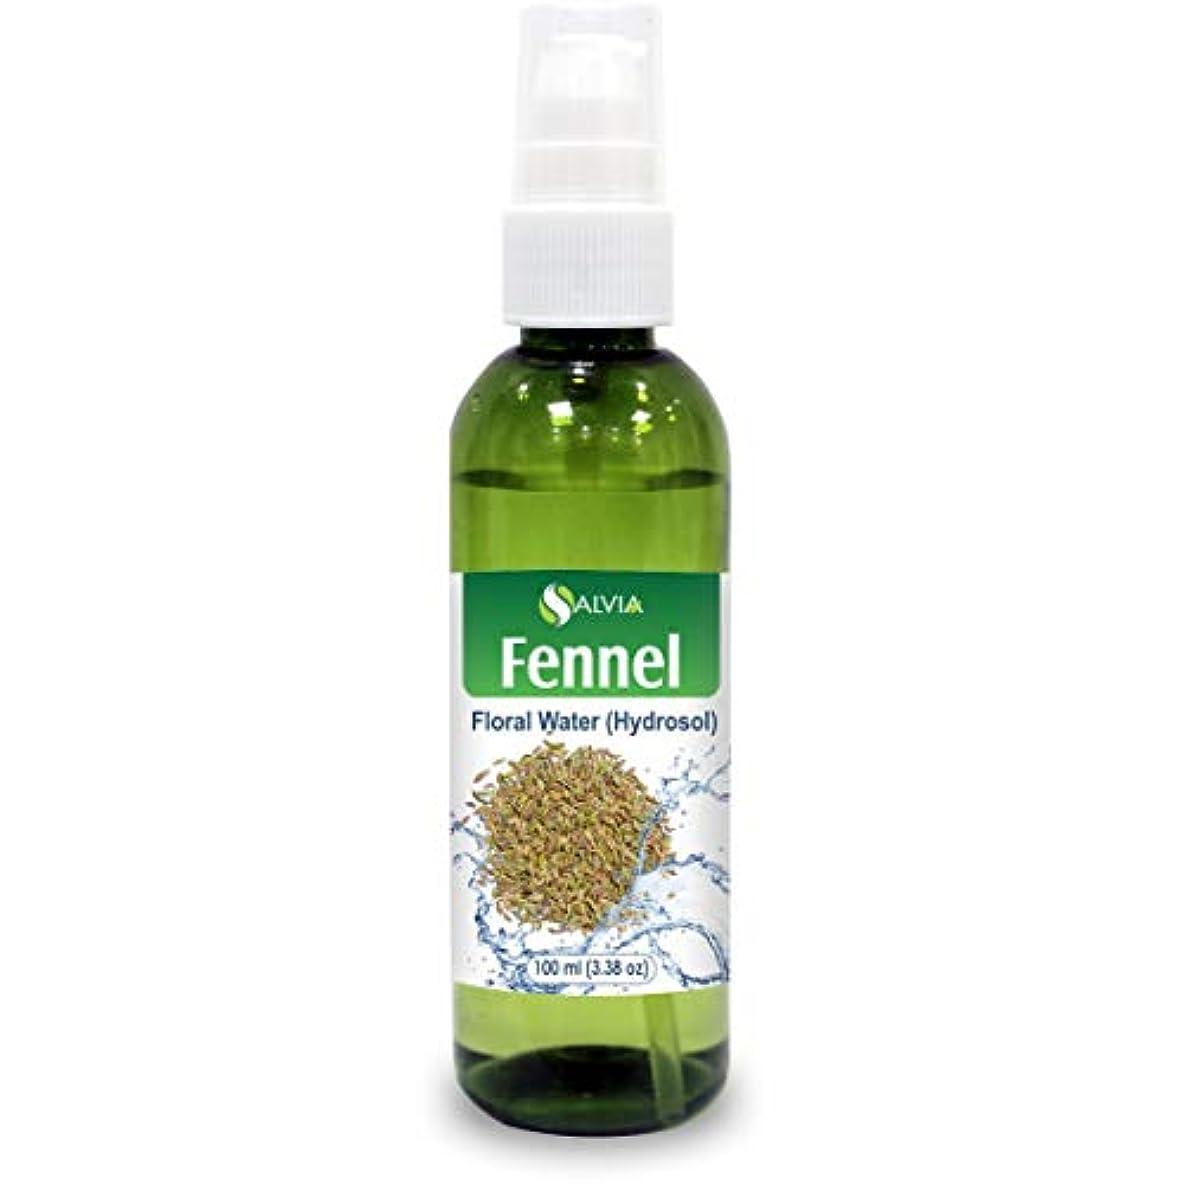 代理店哲学的フリッパーFennel Floral Water 100ml (Hydrosol) 100% Pure And Natural